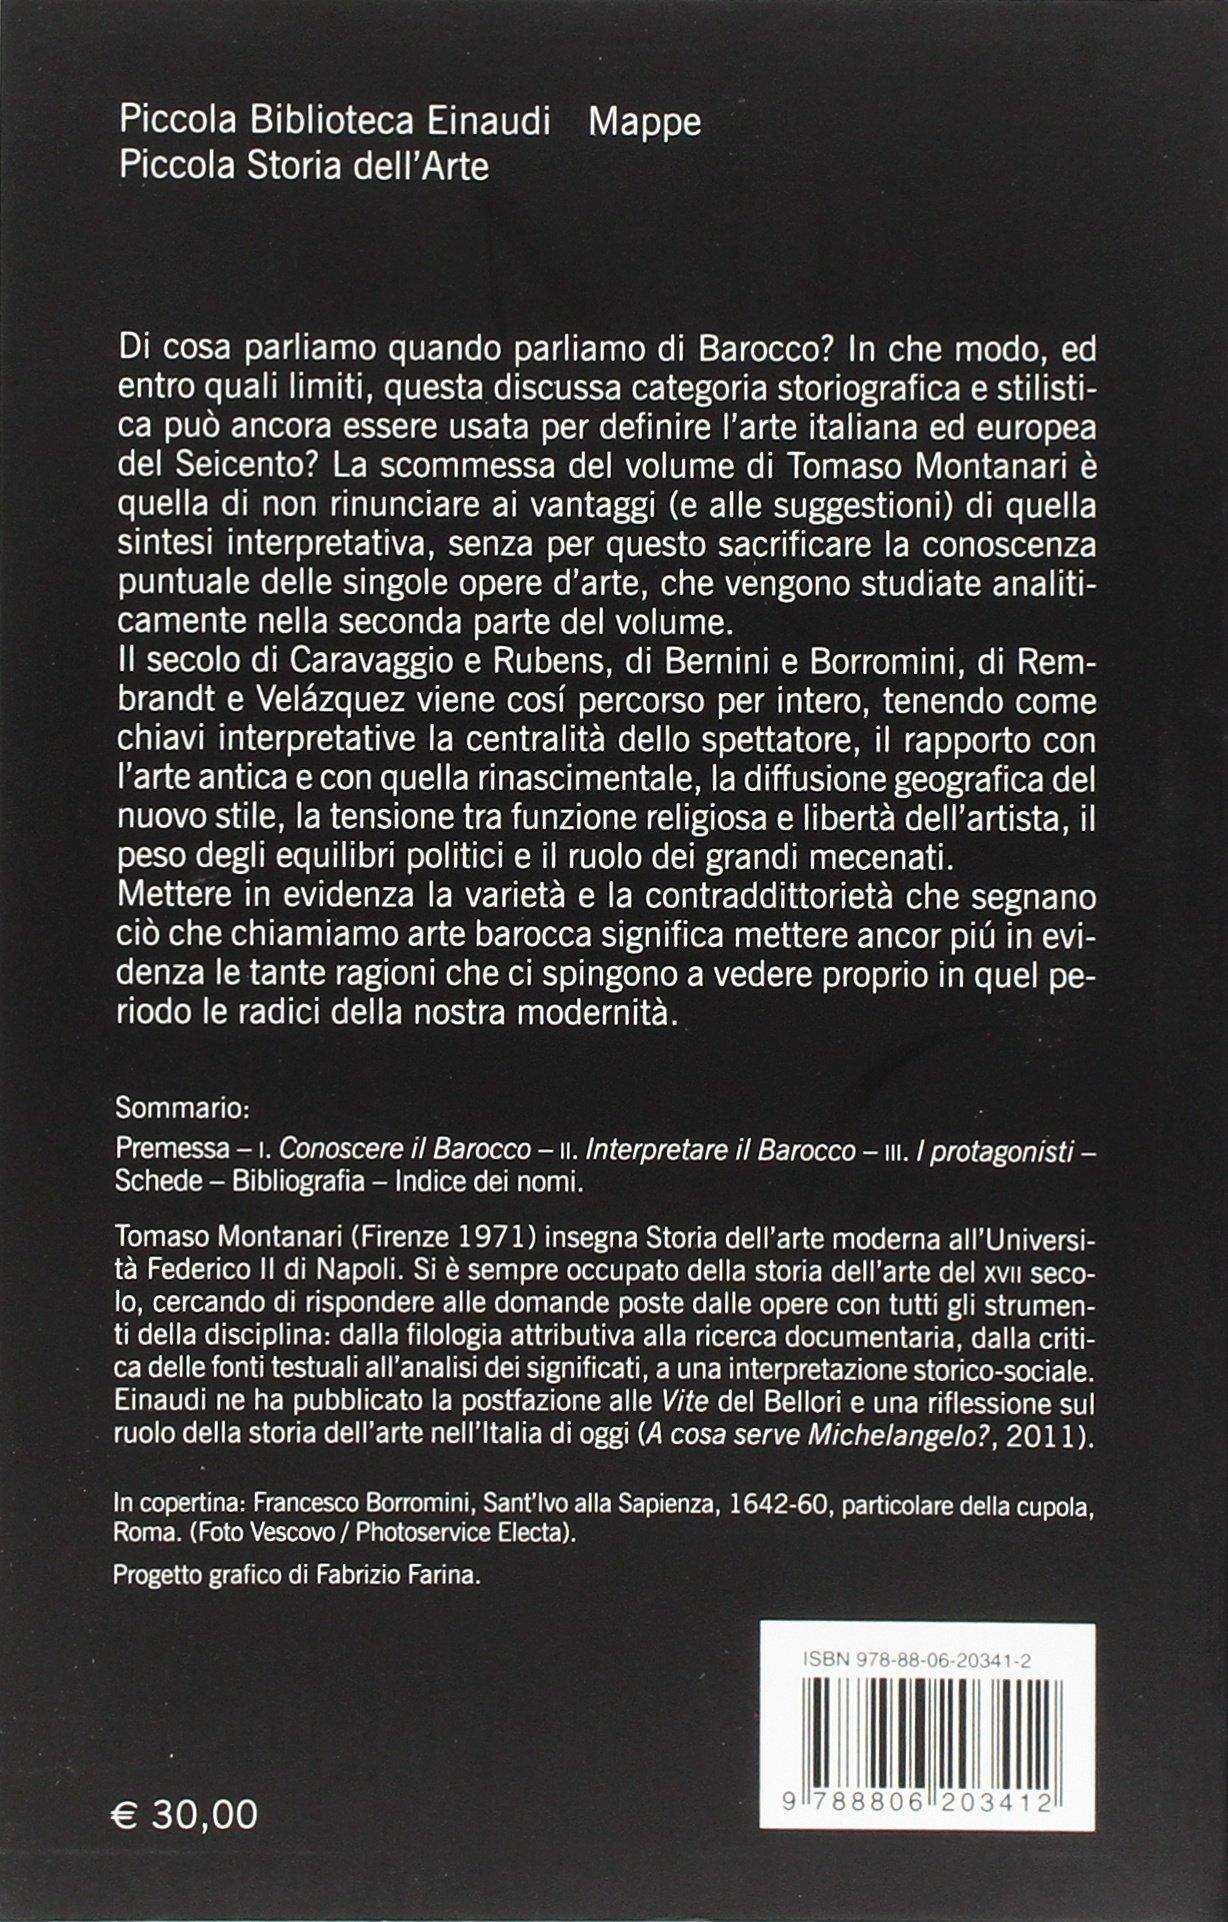 montanari il barocco  : Il barocco - Tomaso Montanari - Libri